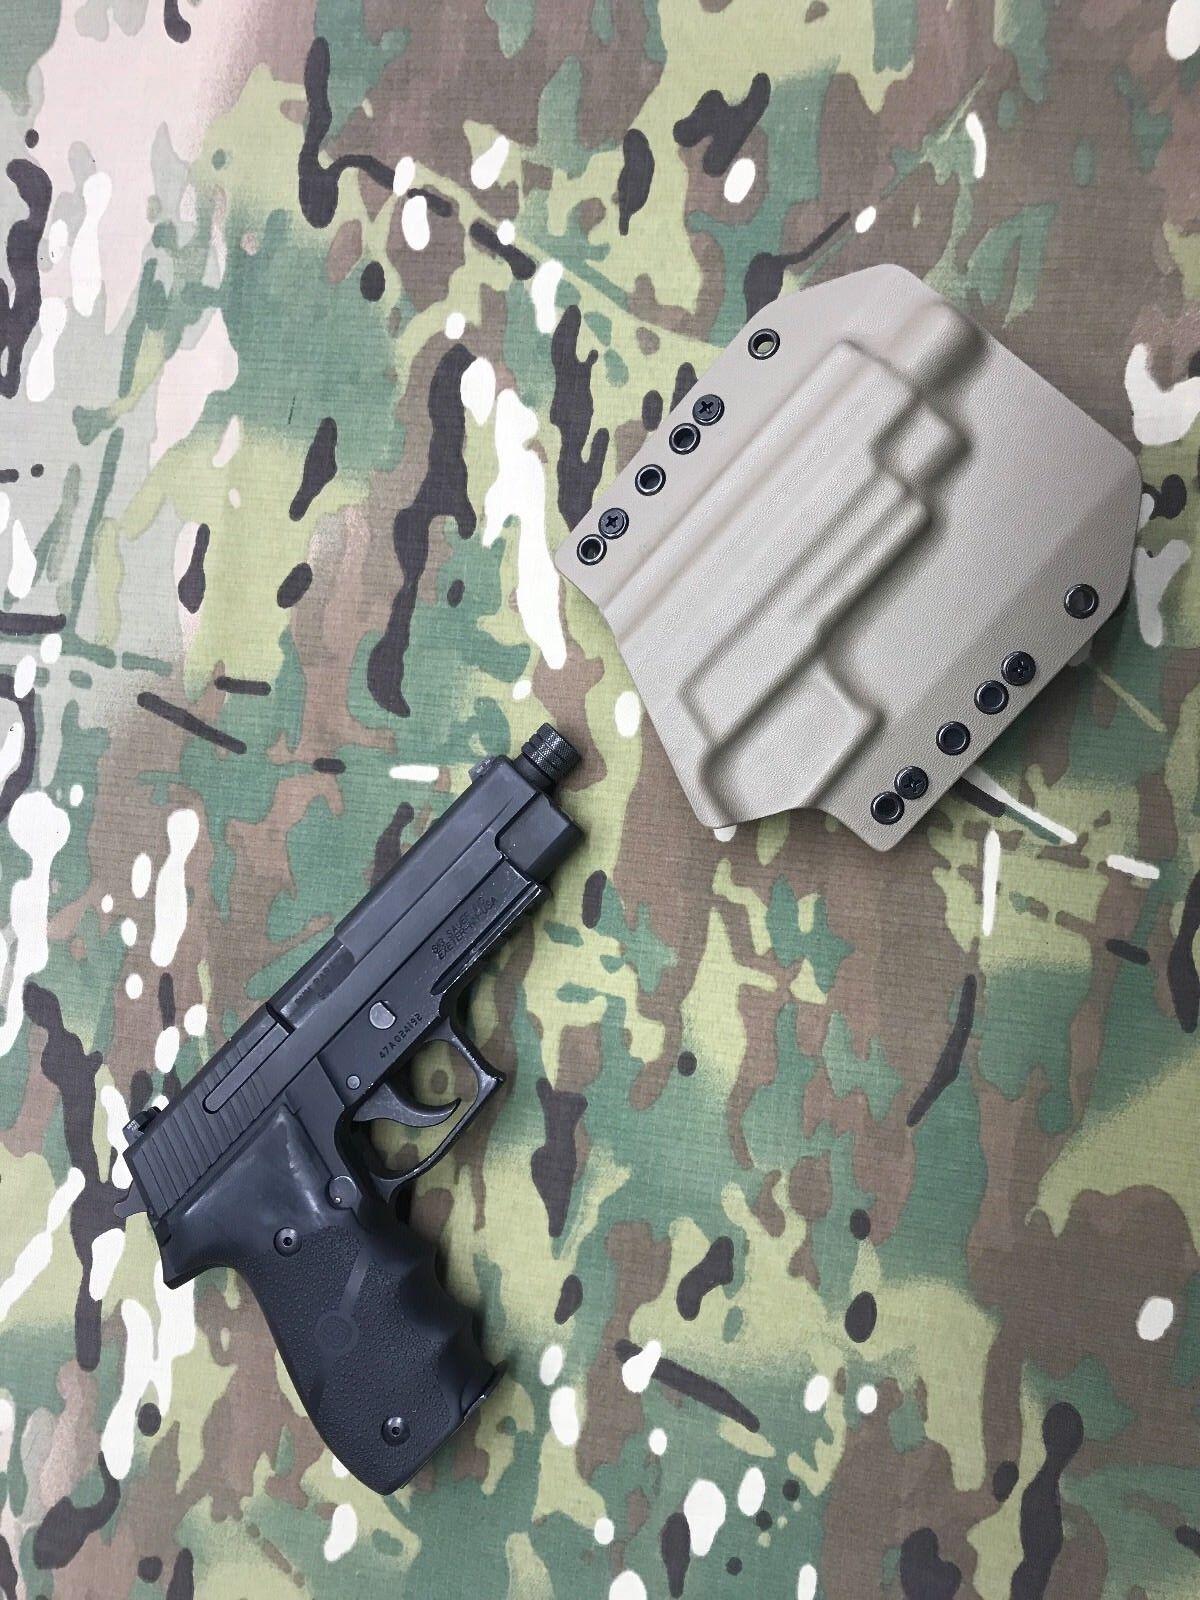 FDE Kydex SIG Holster P226R Threaded Barrel Holster SIG 8e8b45